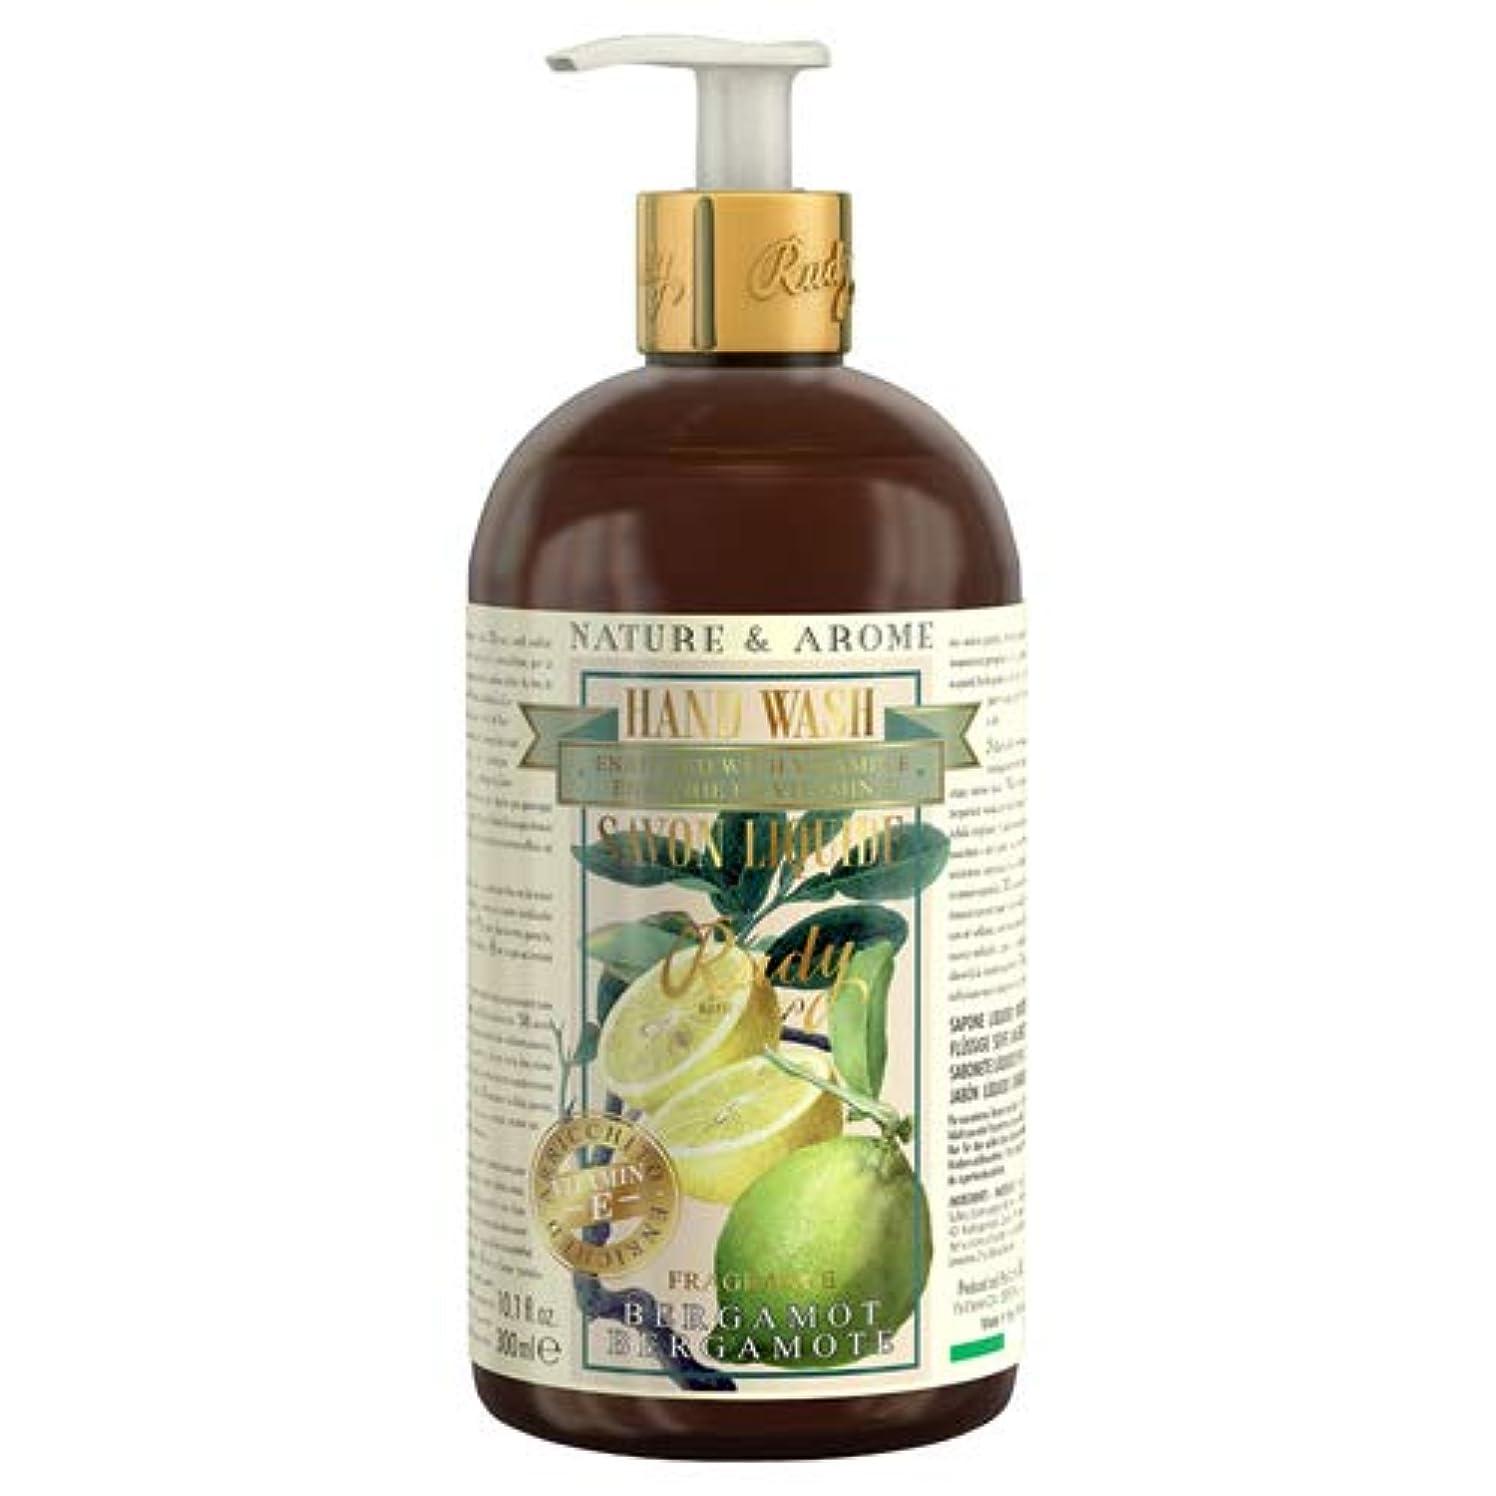 見通しポール従来のルディ(Rudy) RUDY Nature&Arome Apothecary ネイチャーアロマ アポセカリー Hand Wash ハンドウォッシュ(ボディソープ) Bergamot ベルガモット